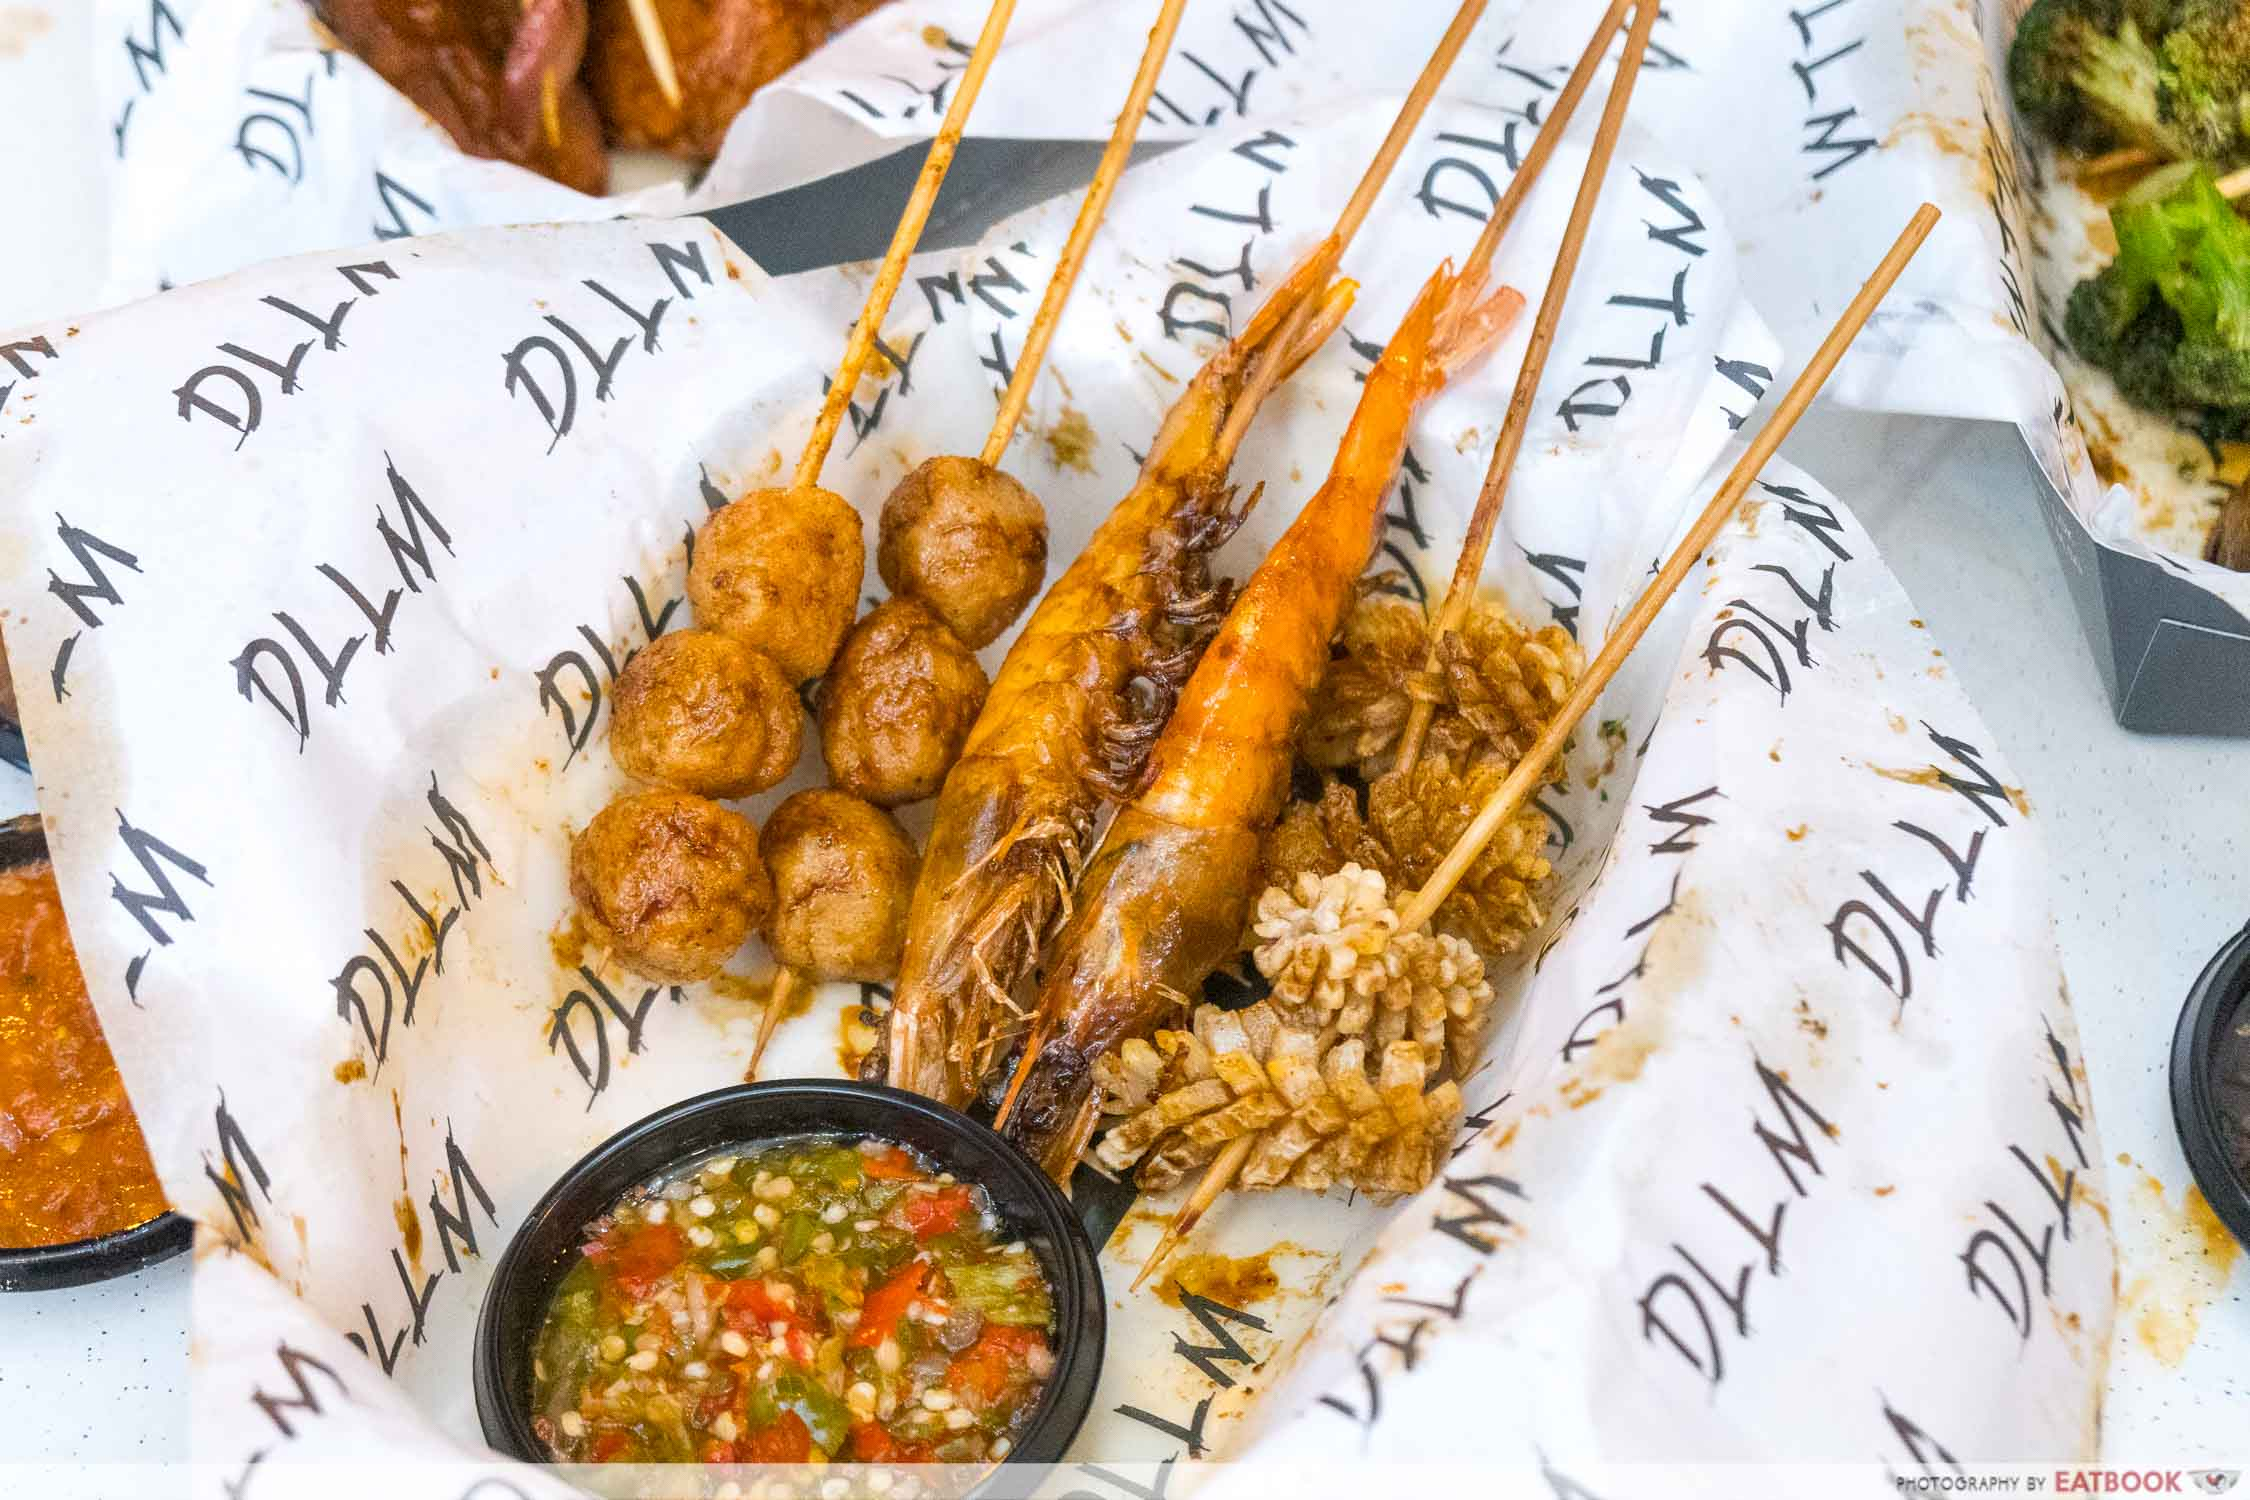 DLLM Lok Lok - seafood category